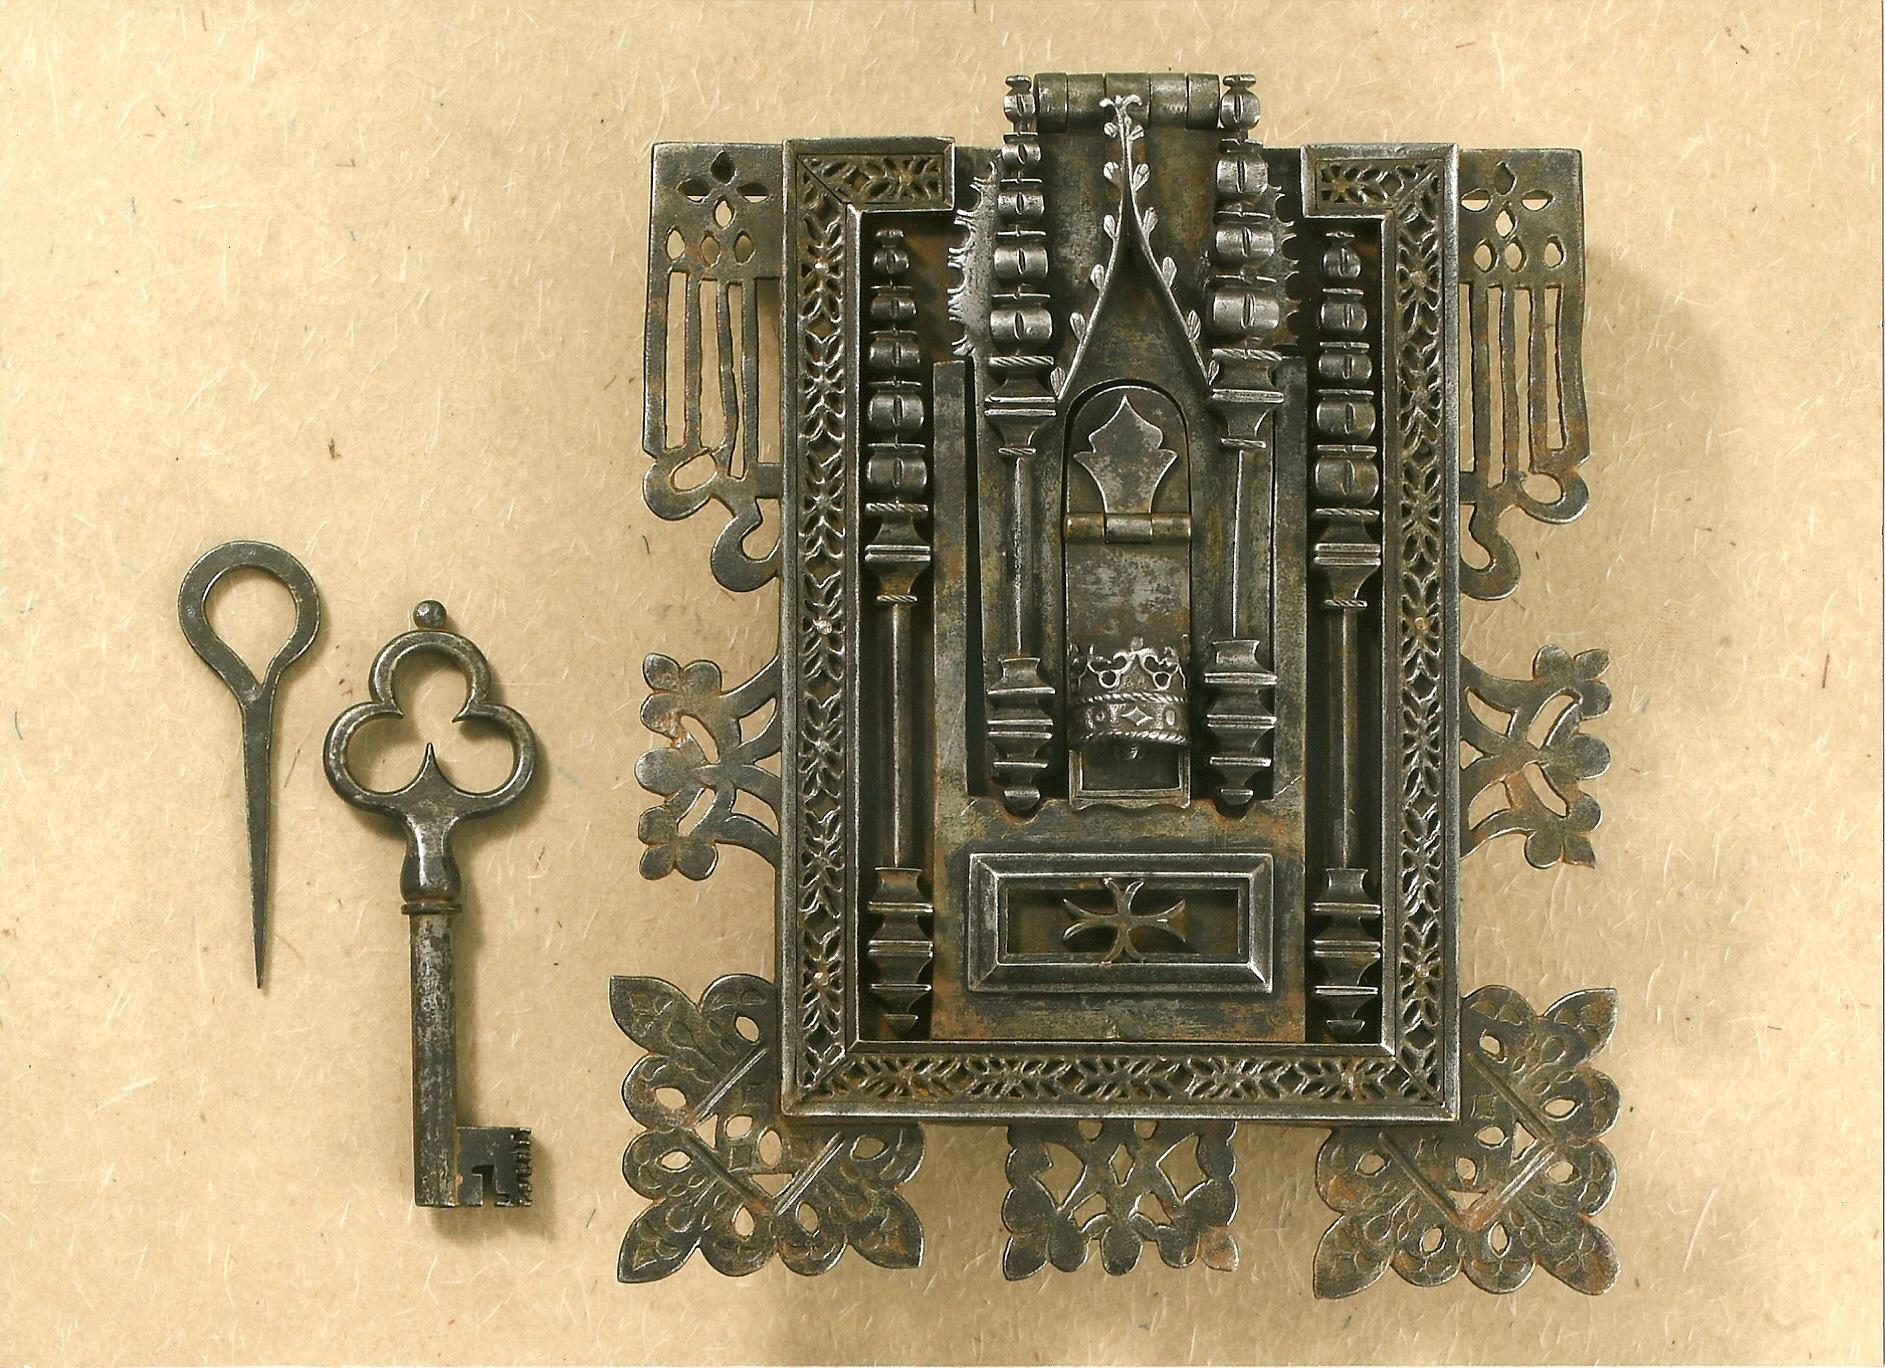 serratura gotica da cassone con chiave e chiavino per segreto.jpg